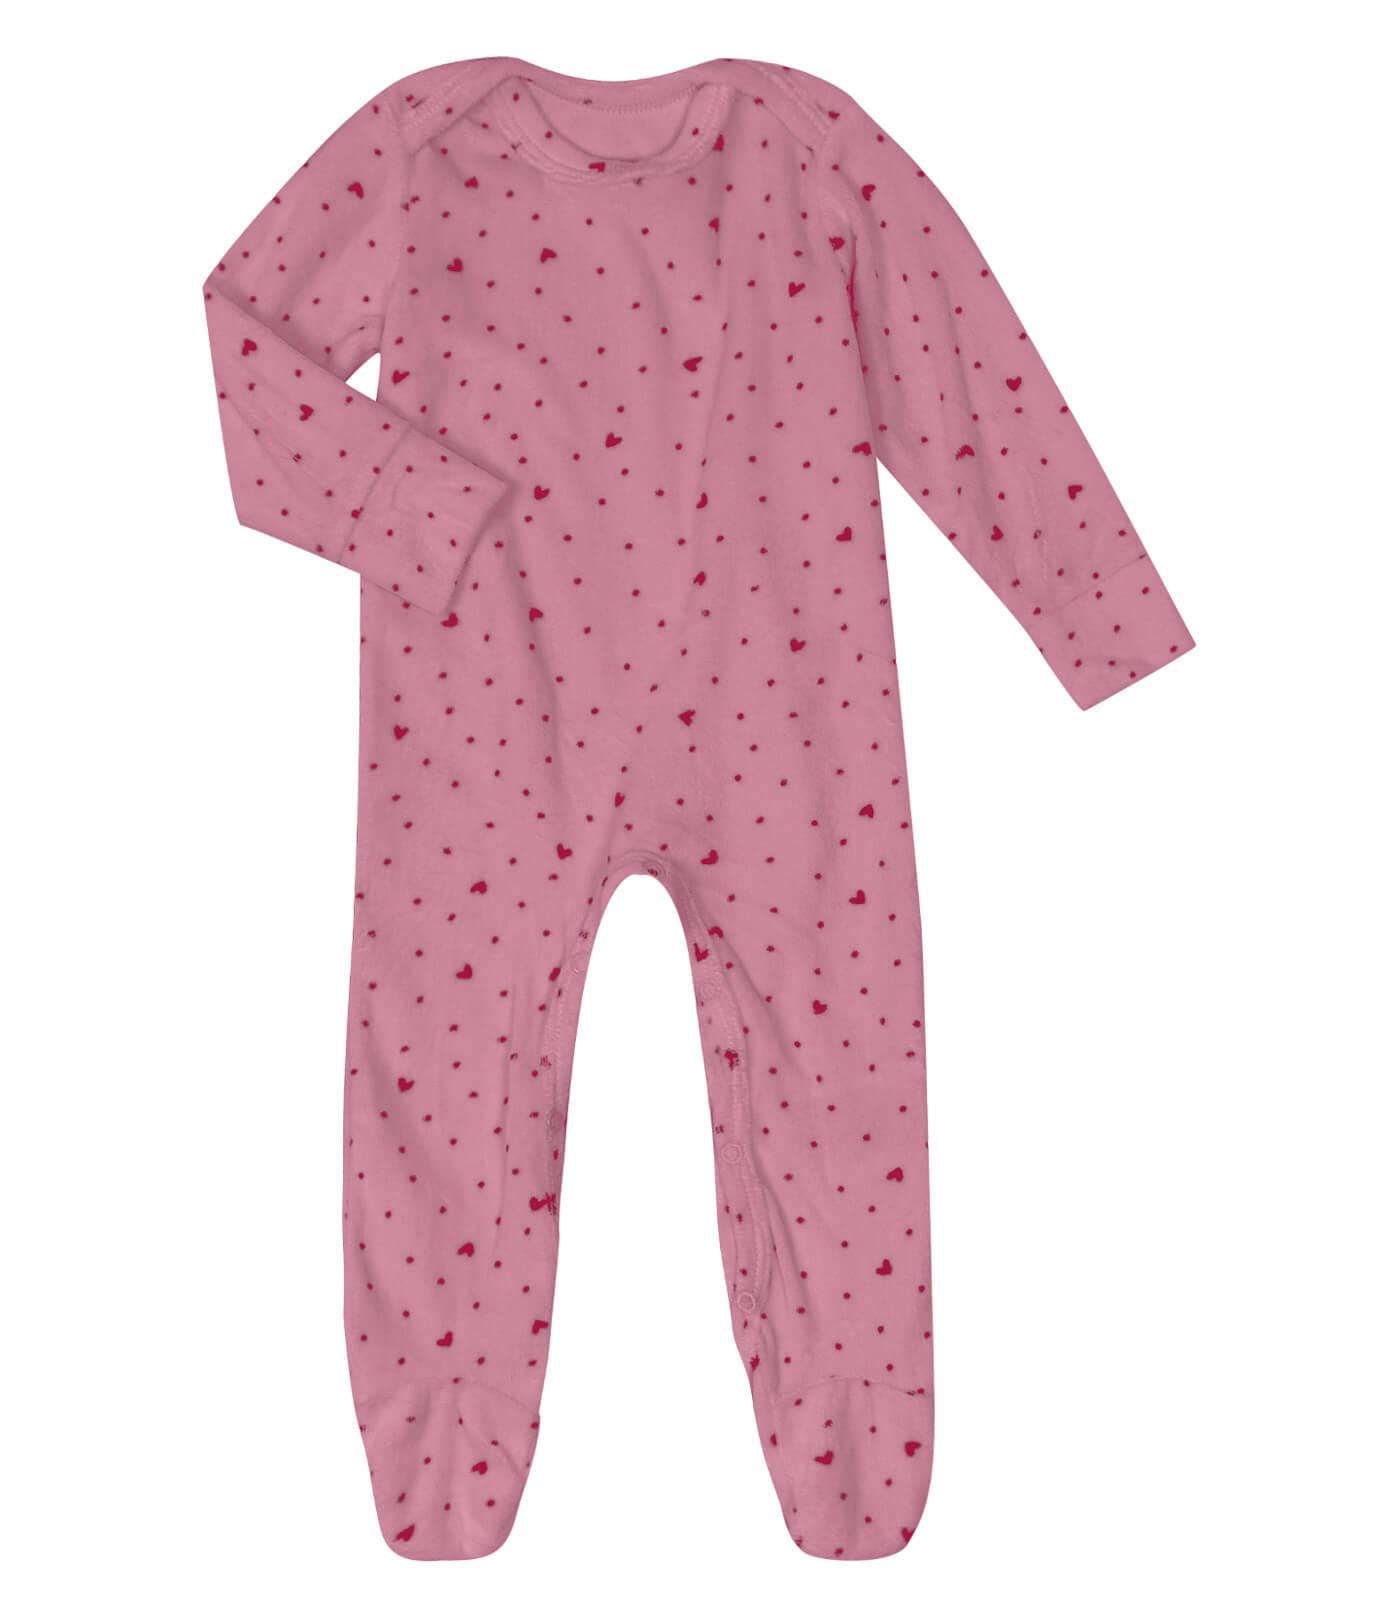 Macacão Manga Longa em Plush Corações Rosa Escuro - Rovitex Baby